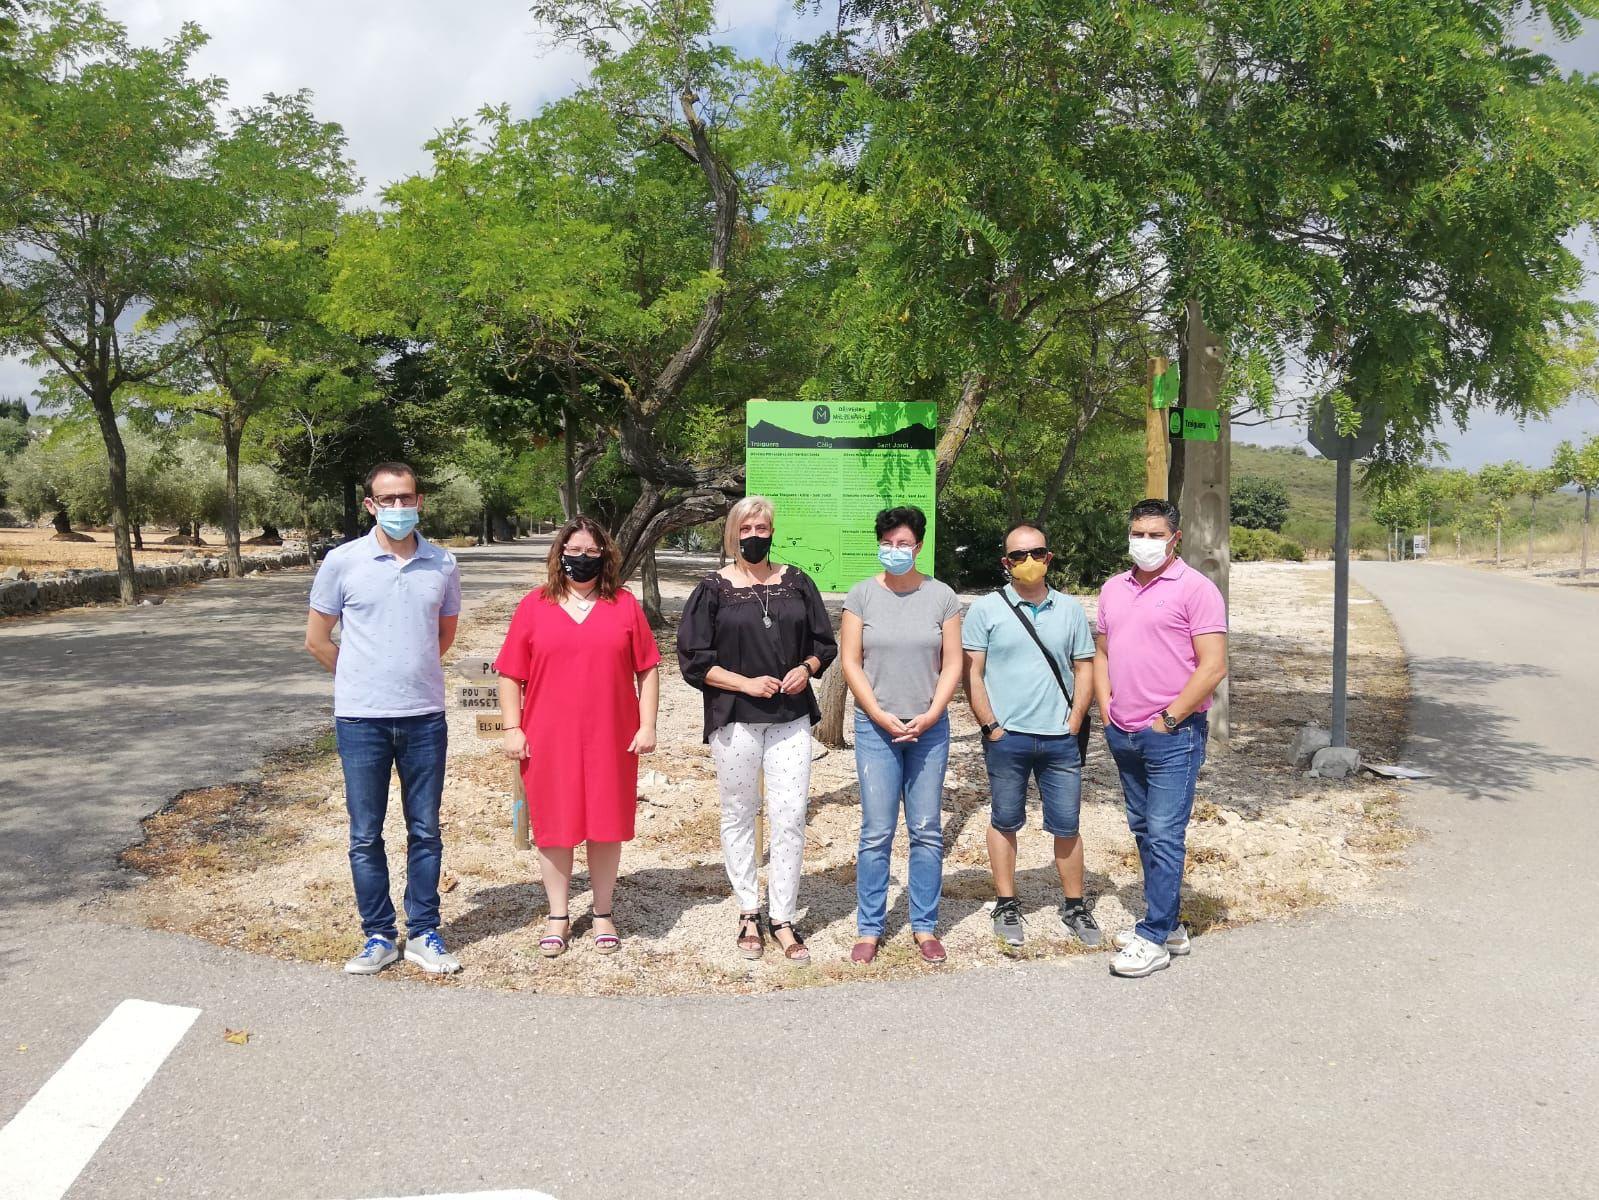 La Diputación de Castellón impulsa rutas cicloturísticas entre olivos milenarios de Càlig, Sant Jordi y Traiguera con su apoyo económico a la Mancomunitat Taula del Sénia